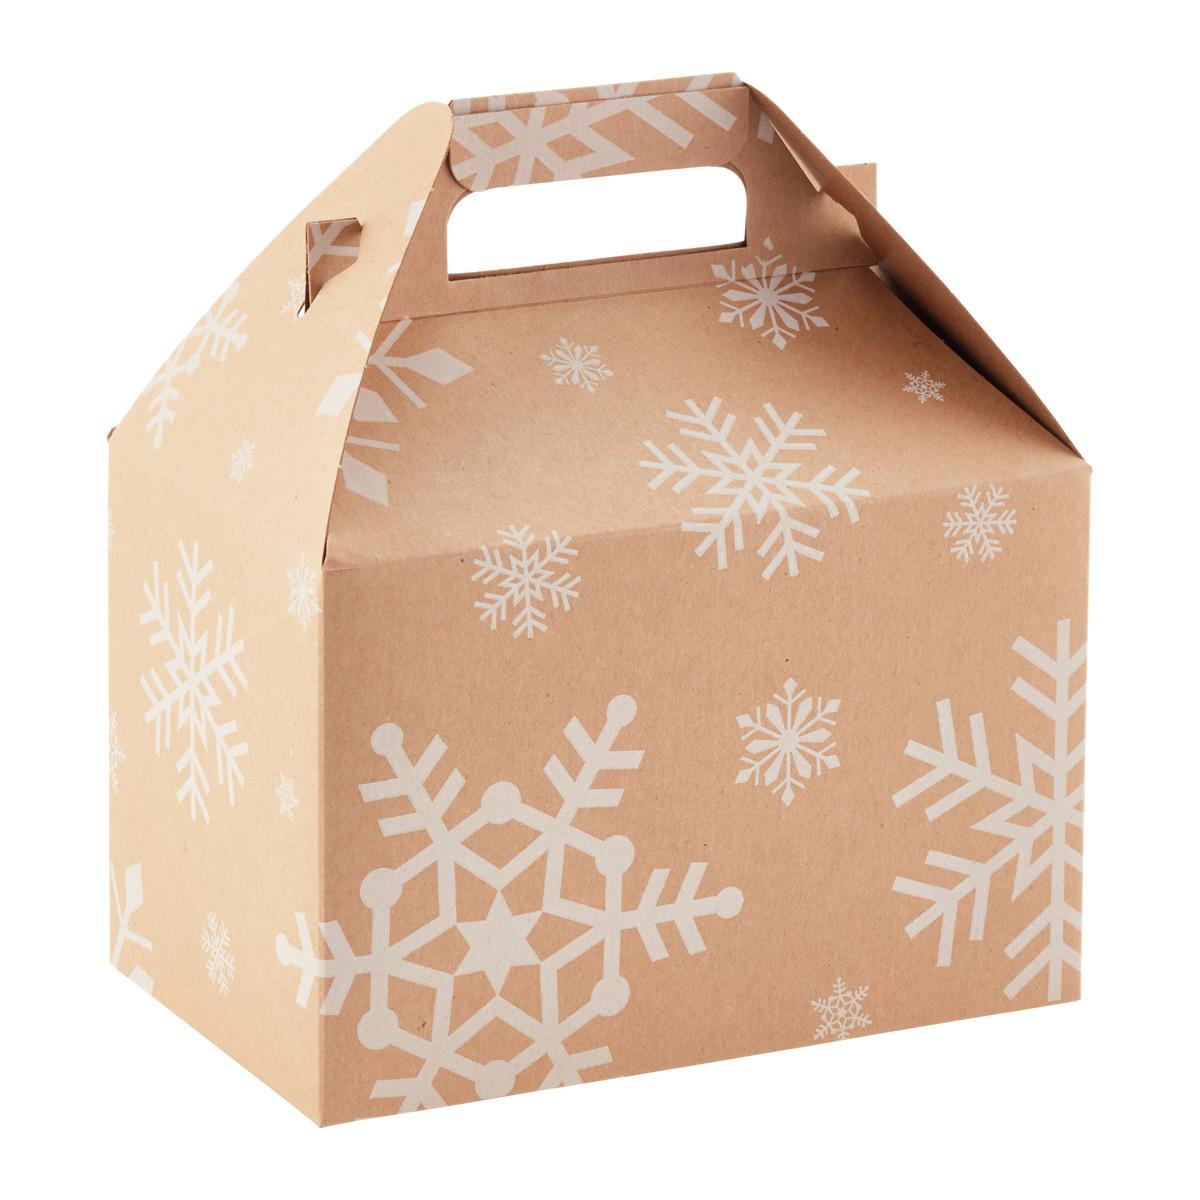 Snow Day Gable Box